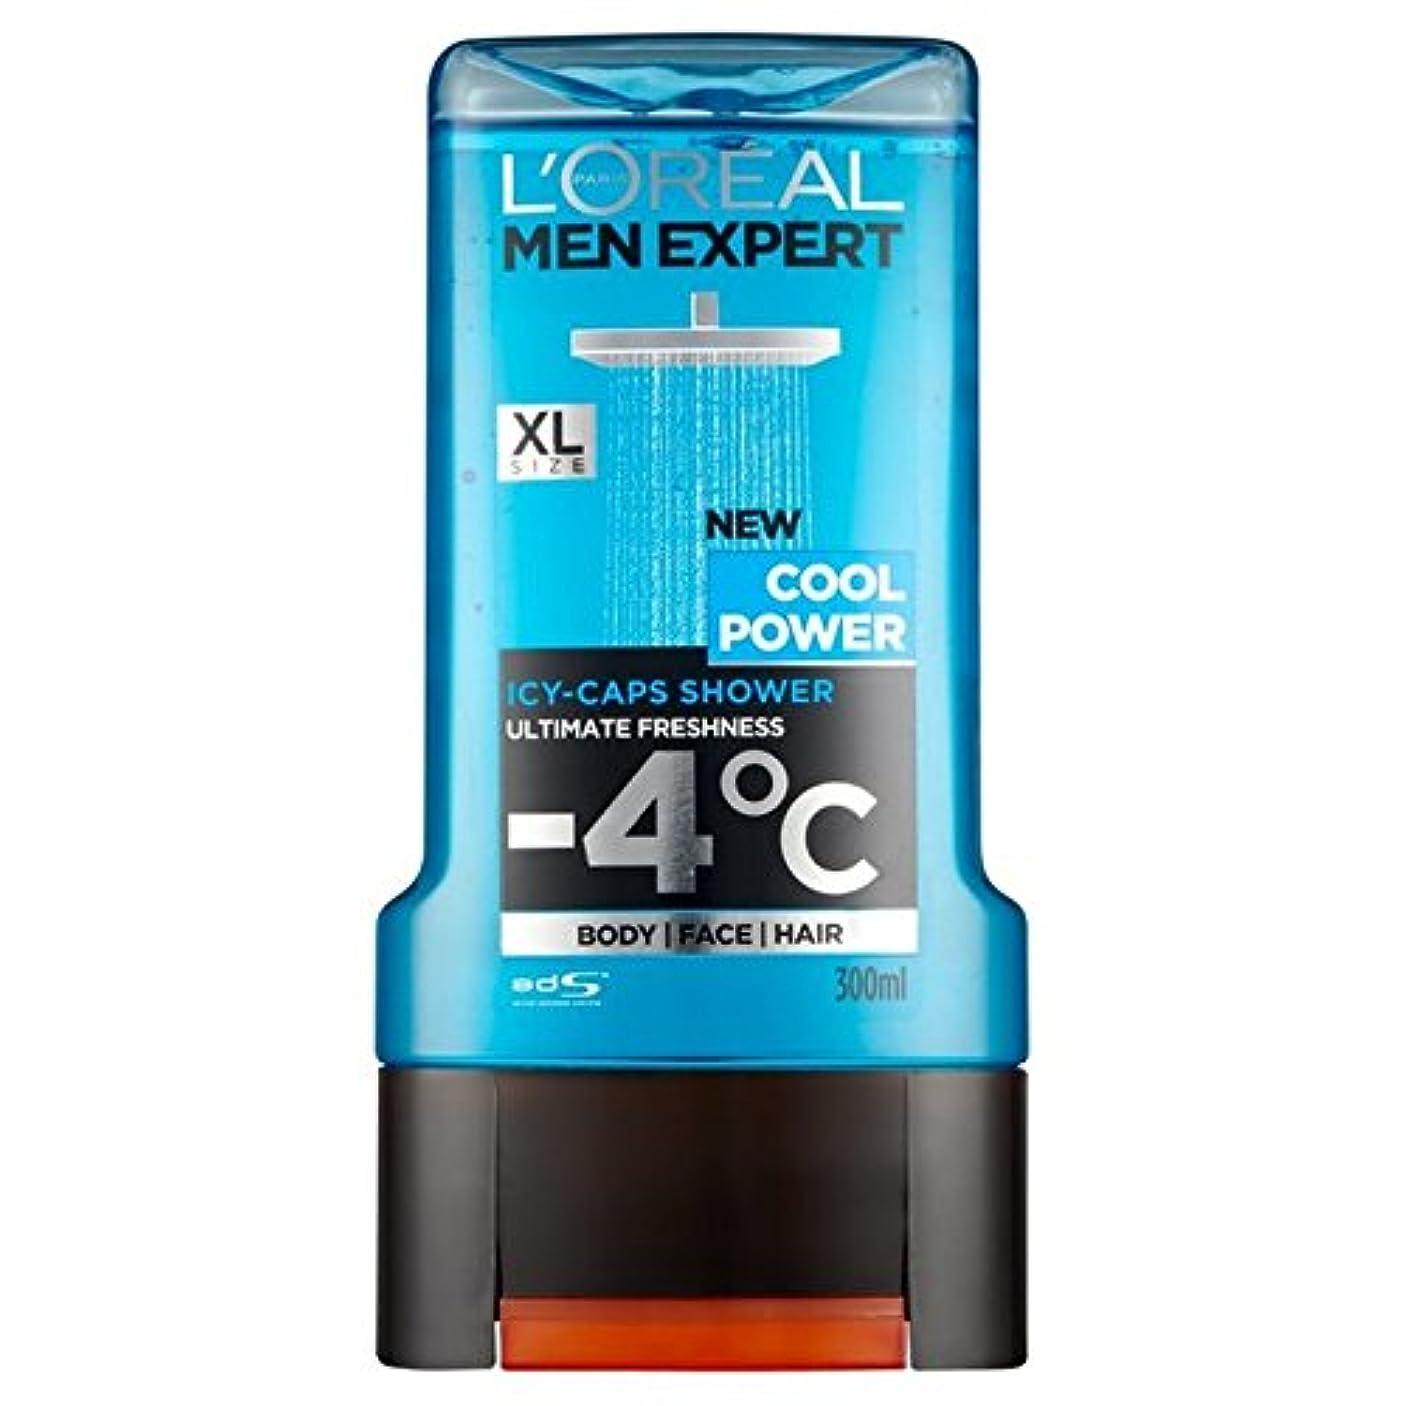 落ちたアトラス全部L'Oreal Paris Men Expert Cool Power Shower Gel 300ml - ロレアルパリの男性の専門家のクールなパワーシャワージェル300ミリリットル [並行輸入品]